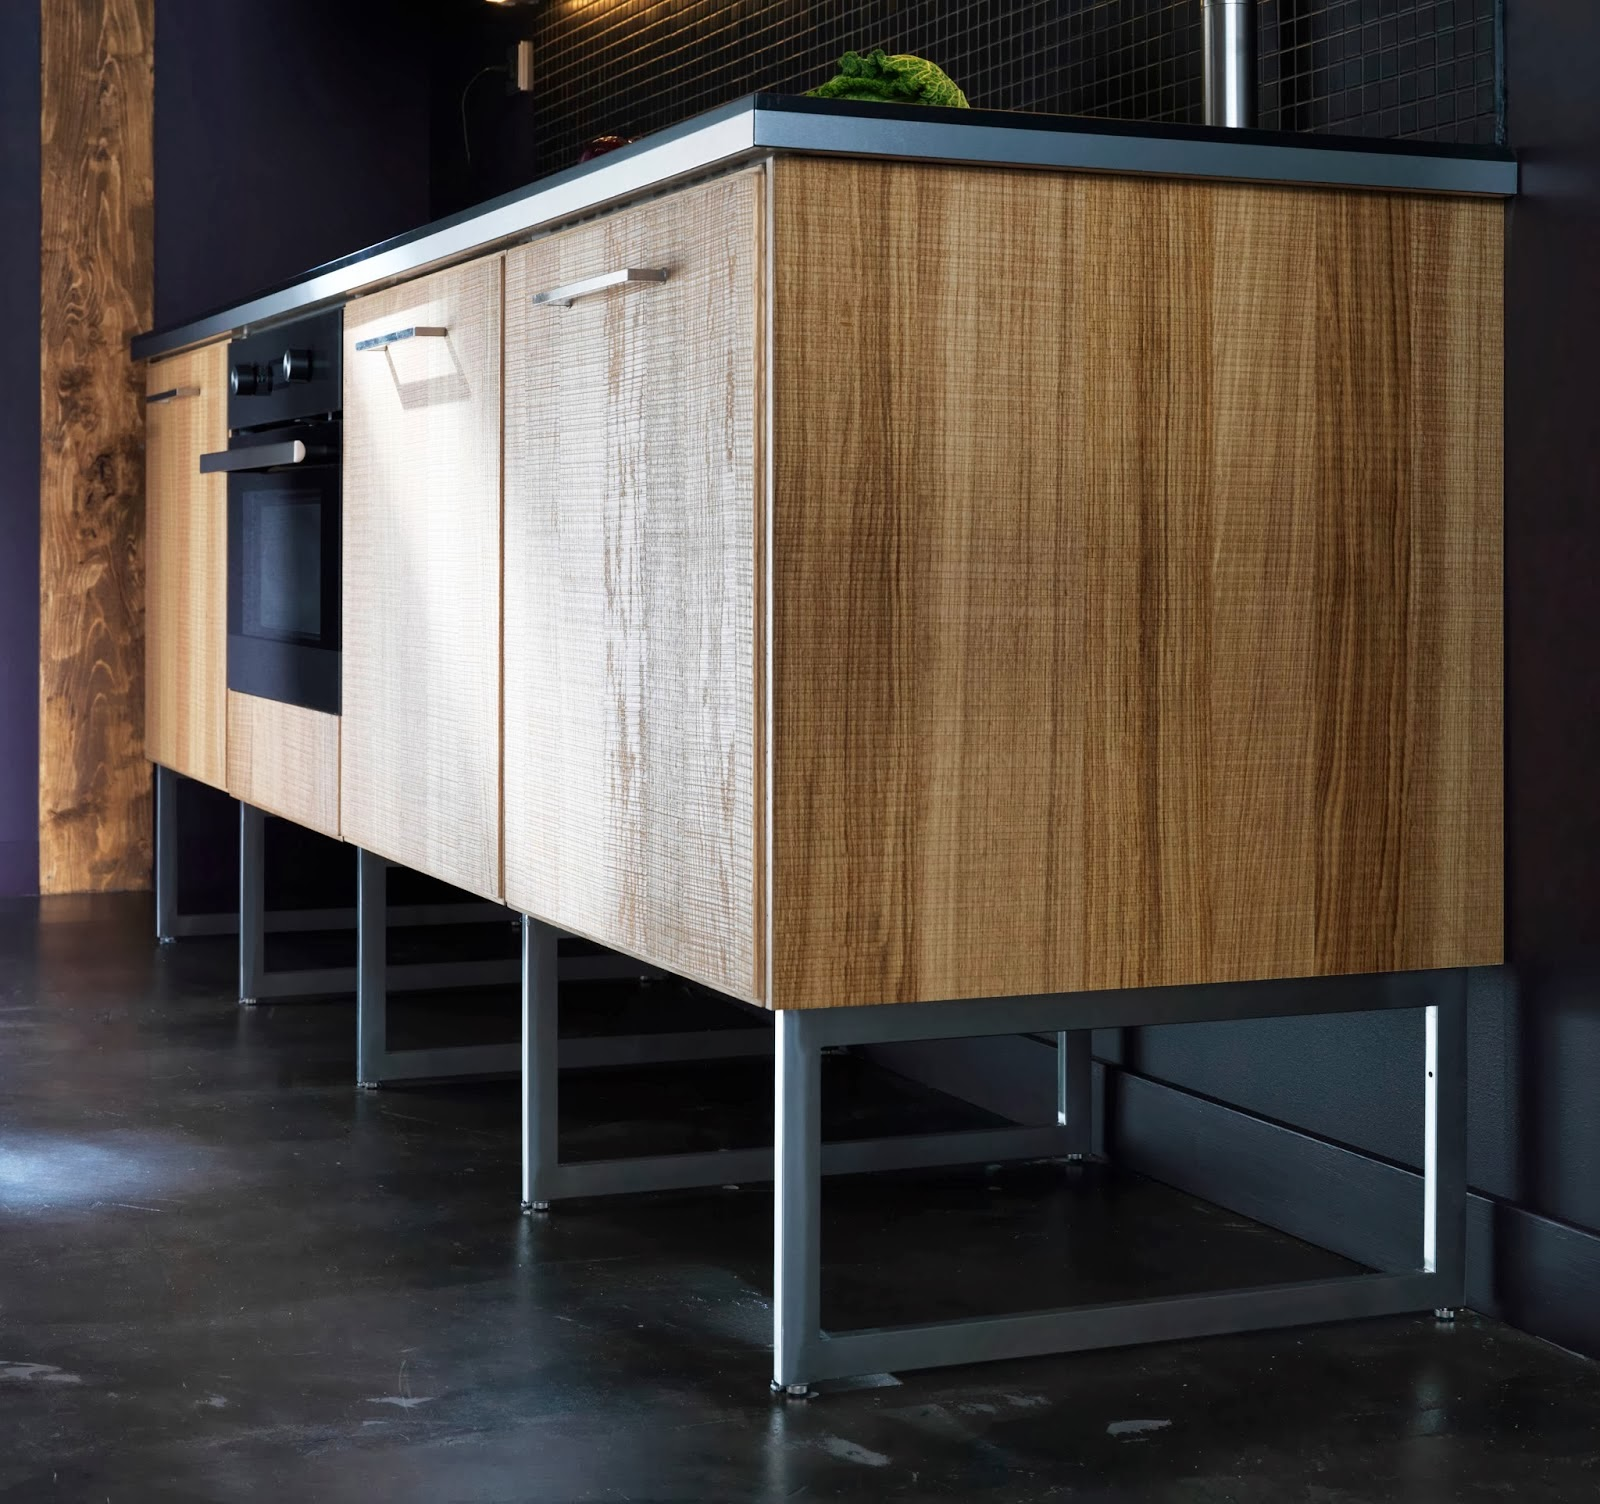 Decoraci n f cil nuevas cocinas de ikea metod - Ikea patas muebles ...